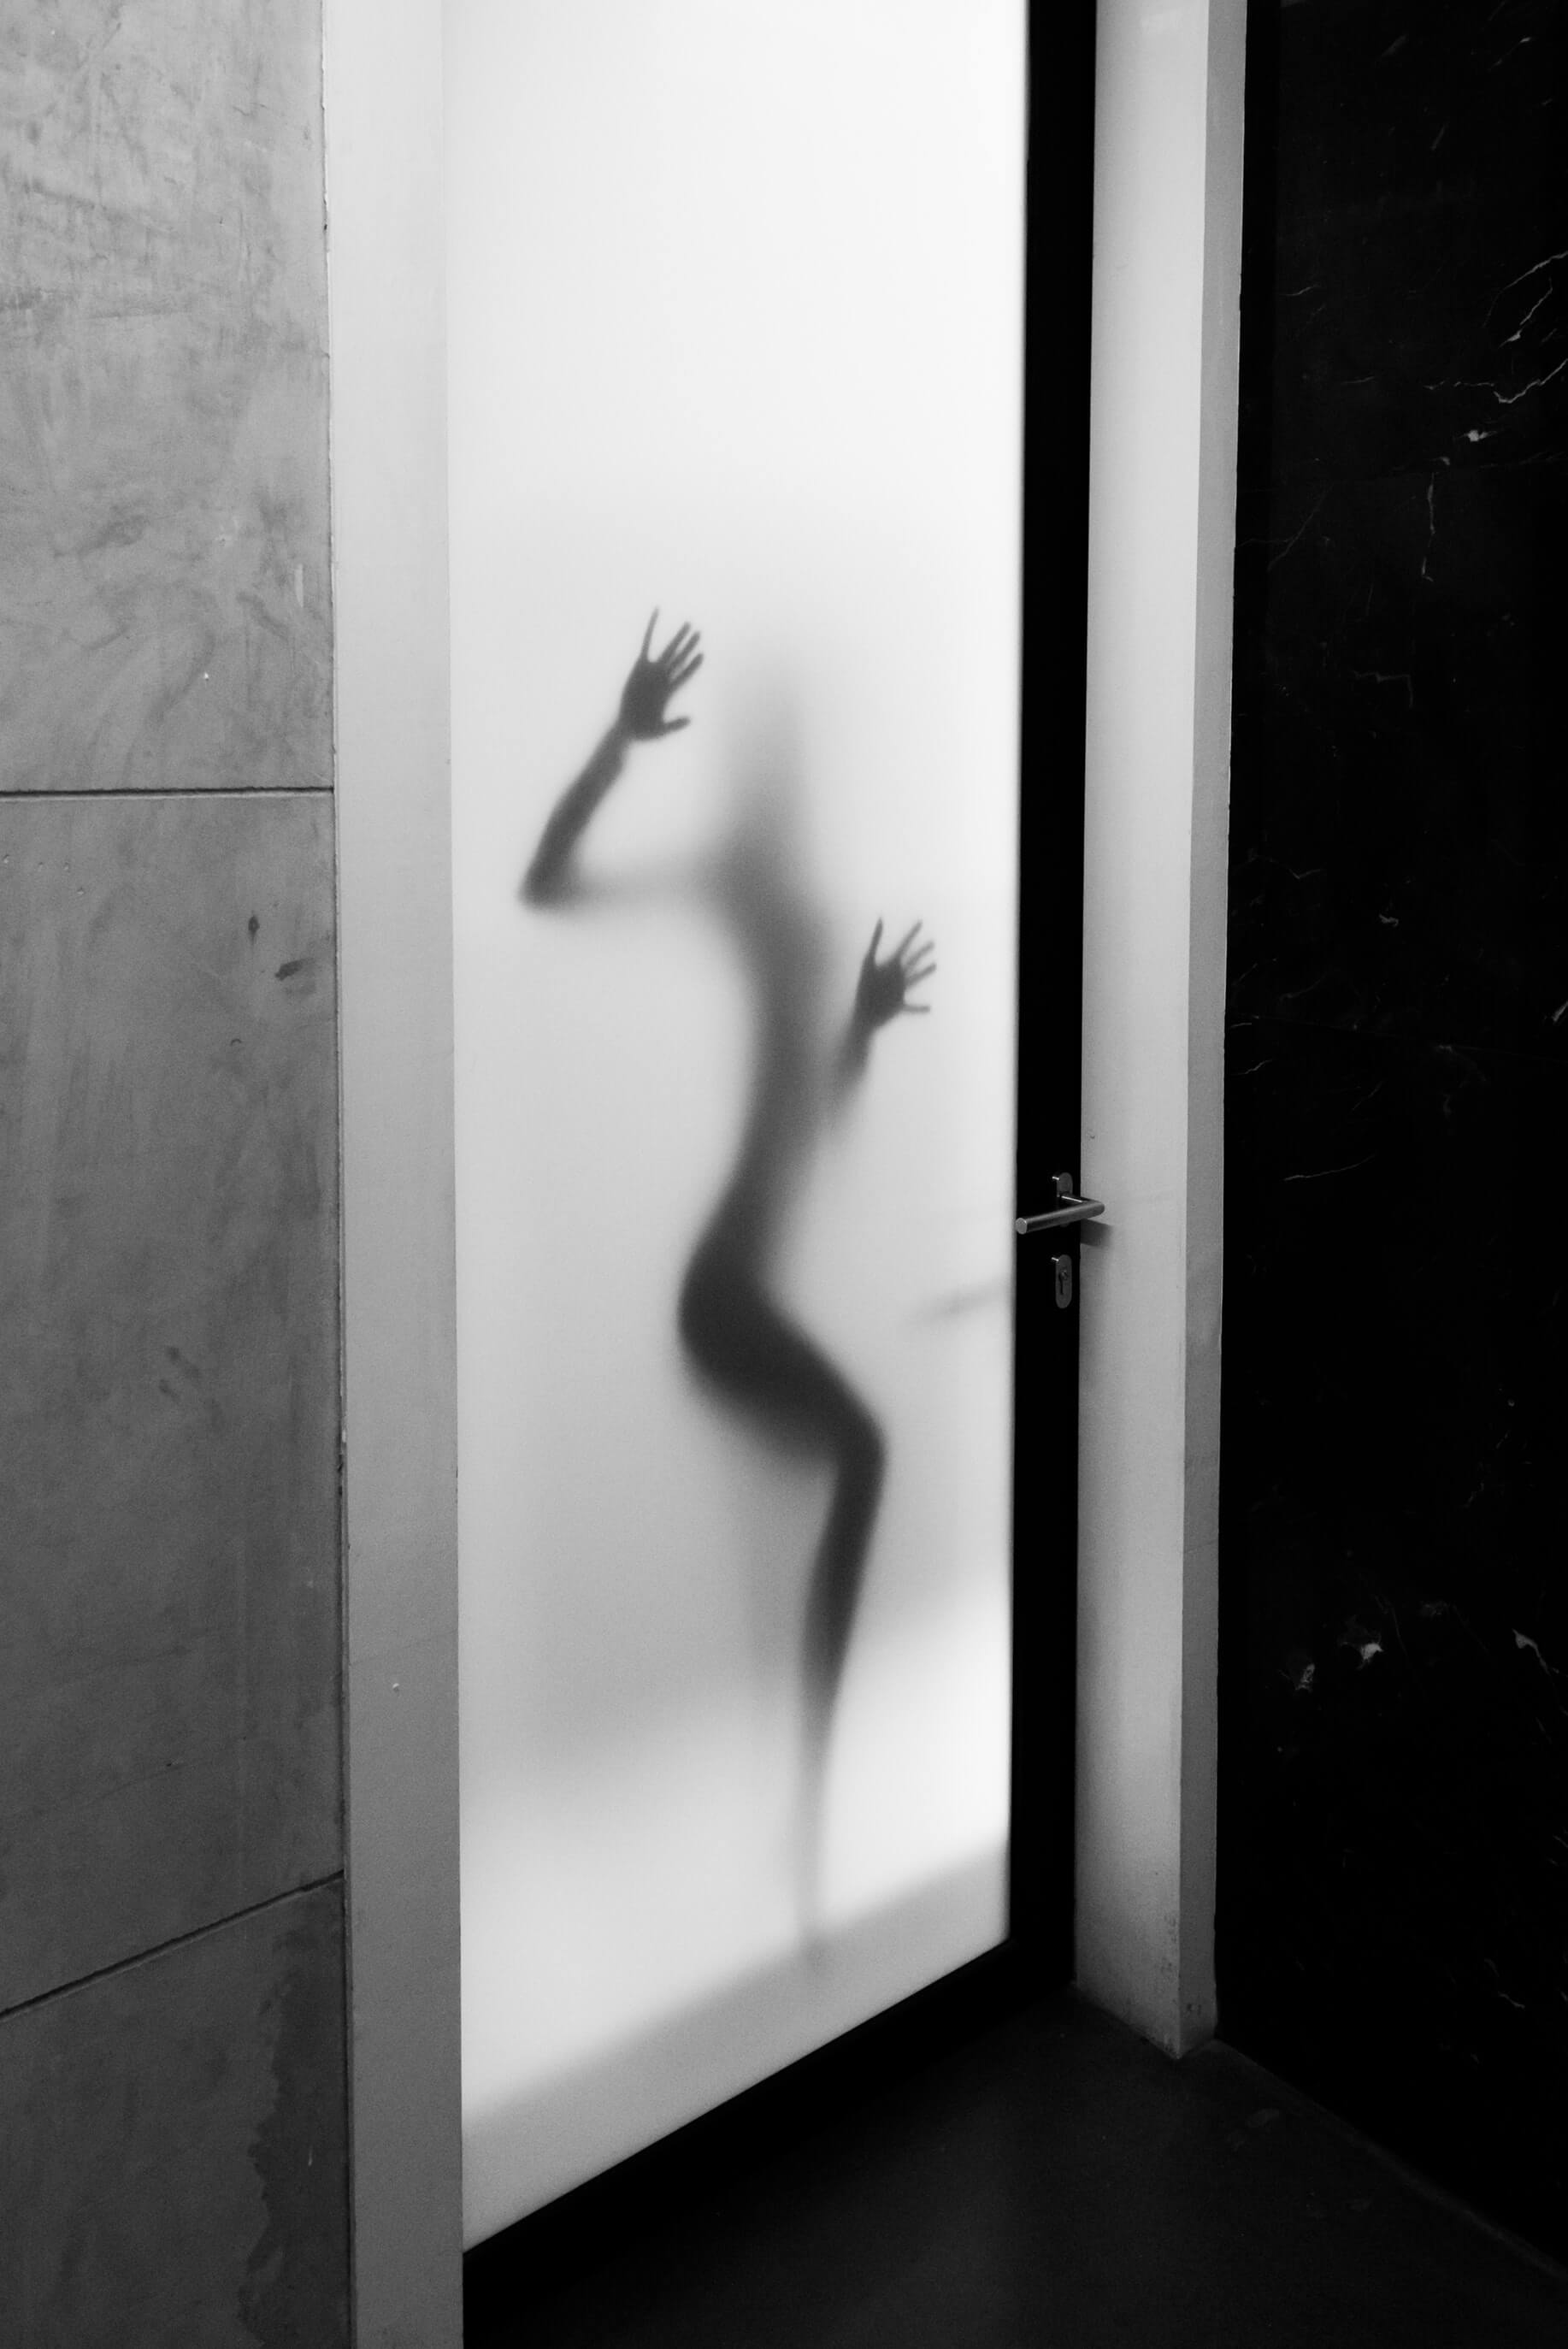 3 個裸辭條件︰裸辭是實力的一種,你有足夠實力嗎?